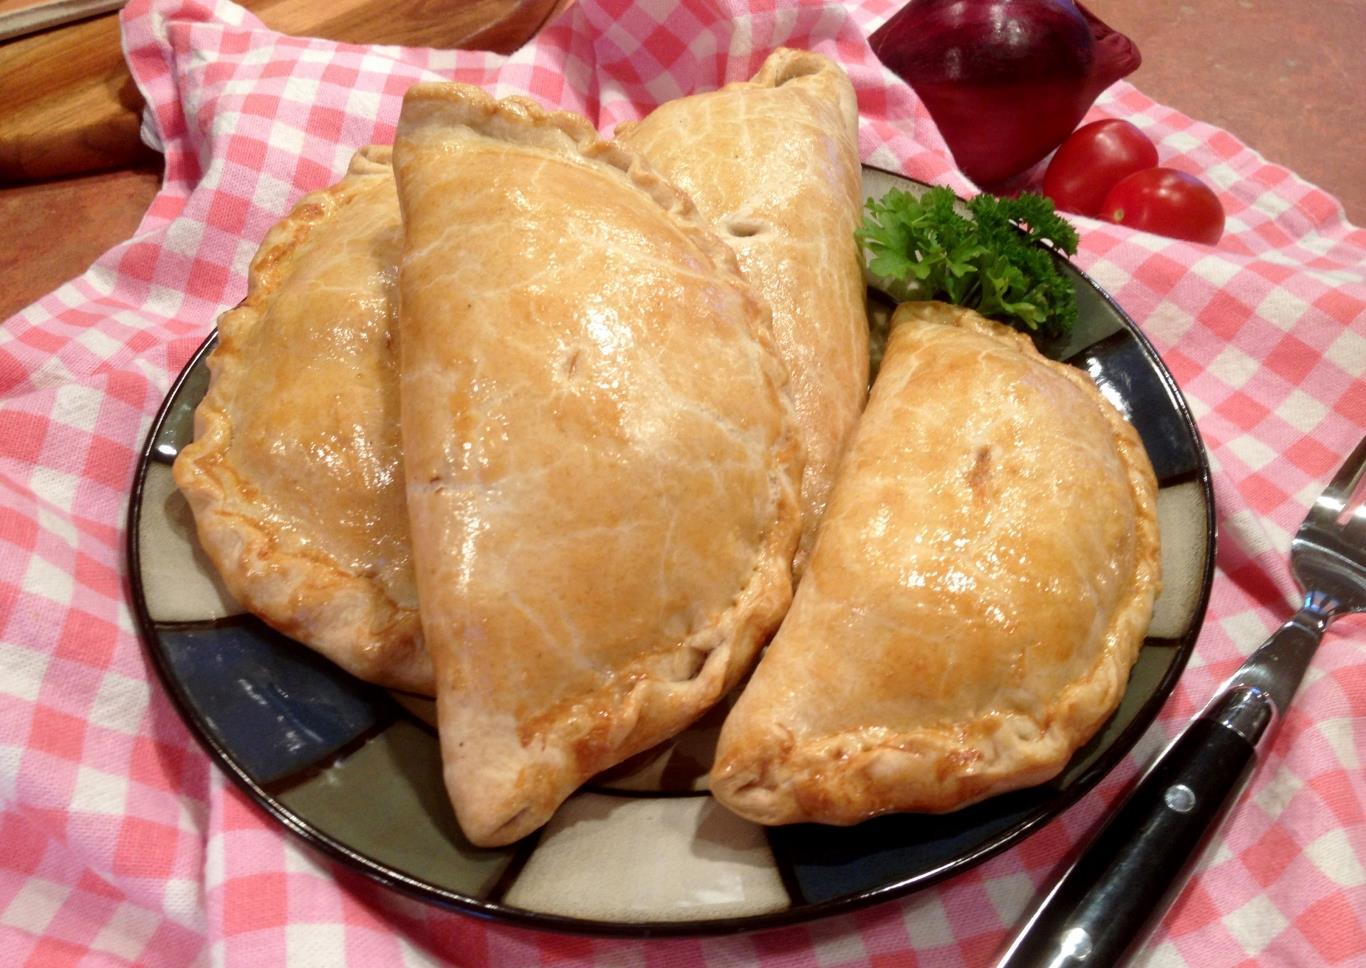 Trước kia, đây là món ăn của thợ mỏ vùng Cornwall. Theo truyền thống, bánh được làm từ 4 nguyên liệu: khoai tây, củ cải, hành và thịt bò, được bọc trong lớp vỏ bột mì. Bánh được nướng cho tới khi vỏ ngoài có màu vàng, nhân thịt bò chín mềm tỏa mùi thơm đặc biệt.